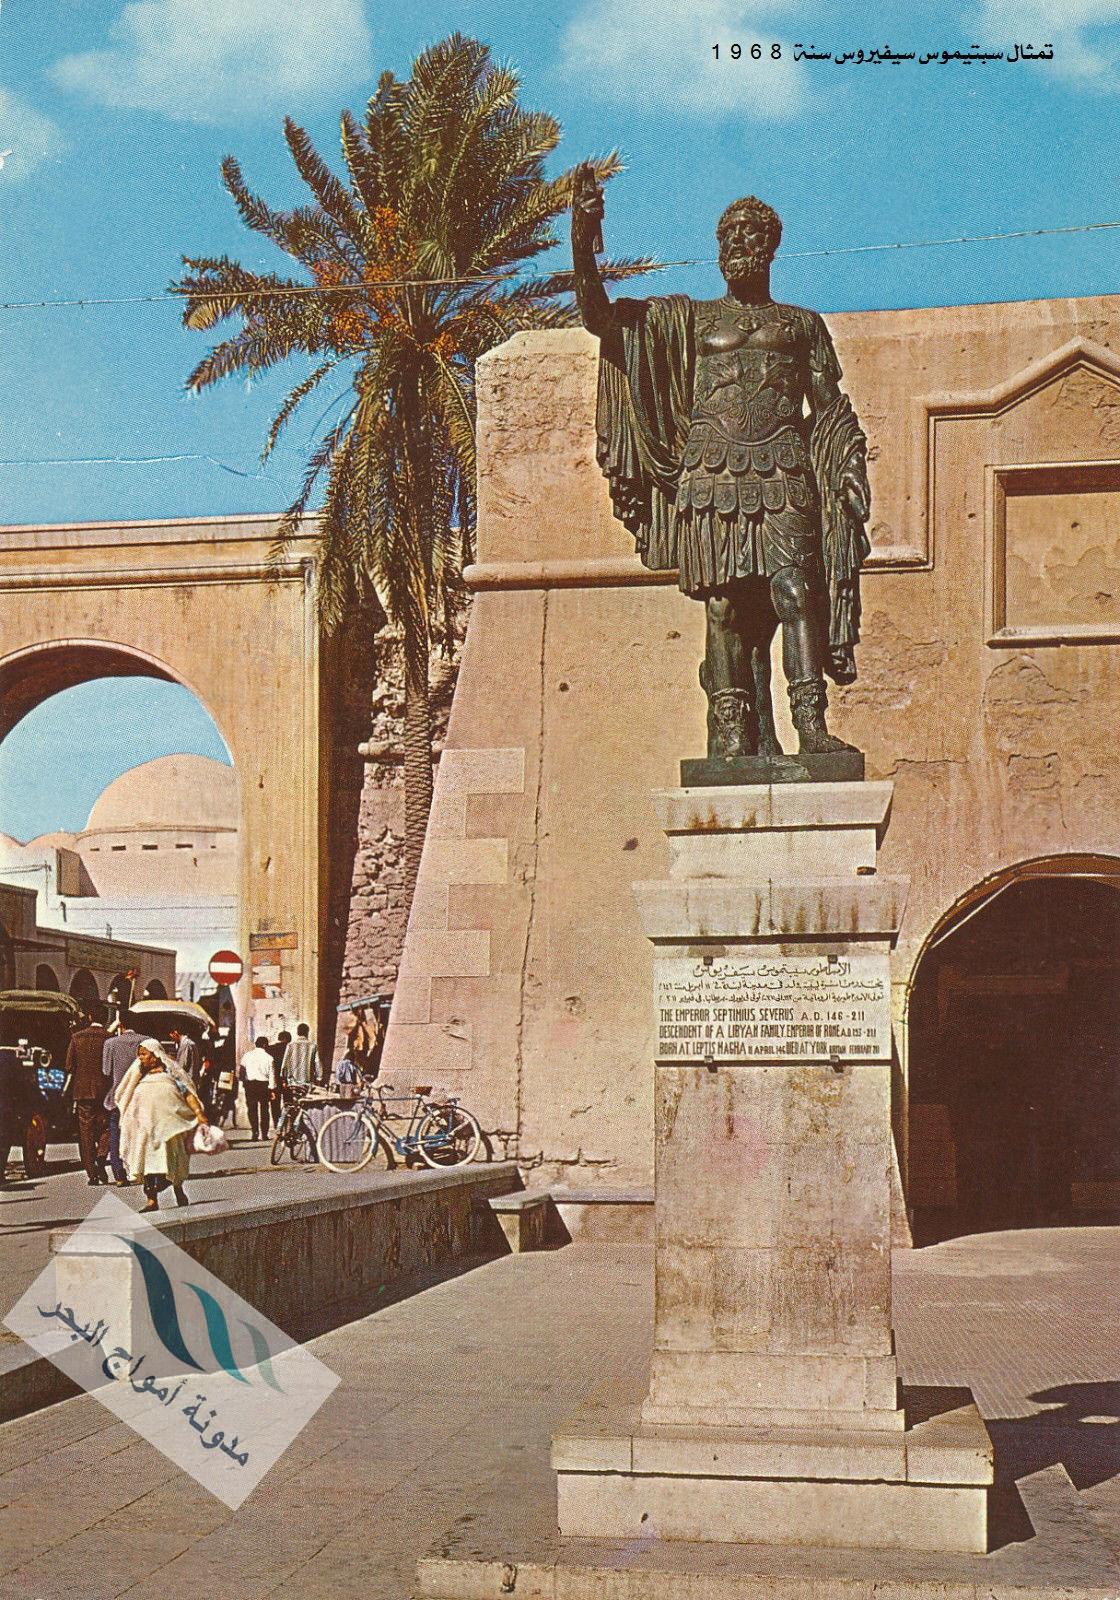 مدونة امواج البحر تمثال الامبراطور سبتيموس سيفيروس بمدخل سوق المشير